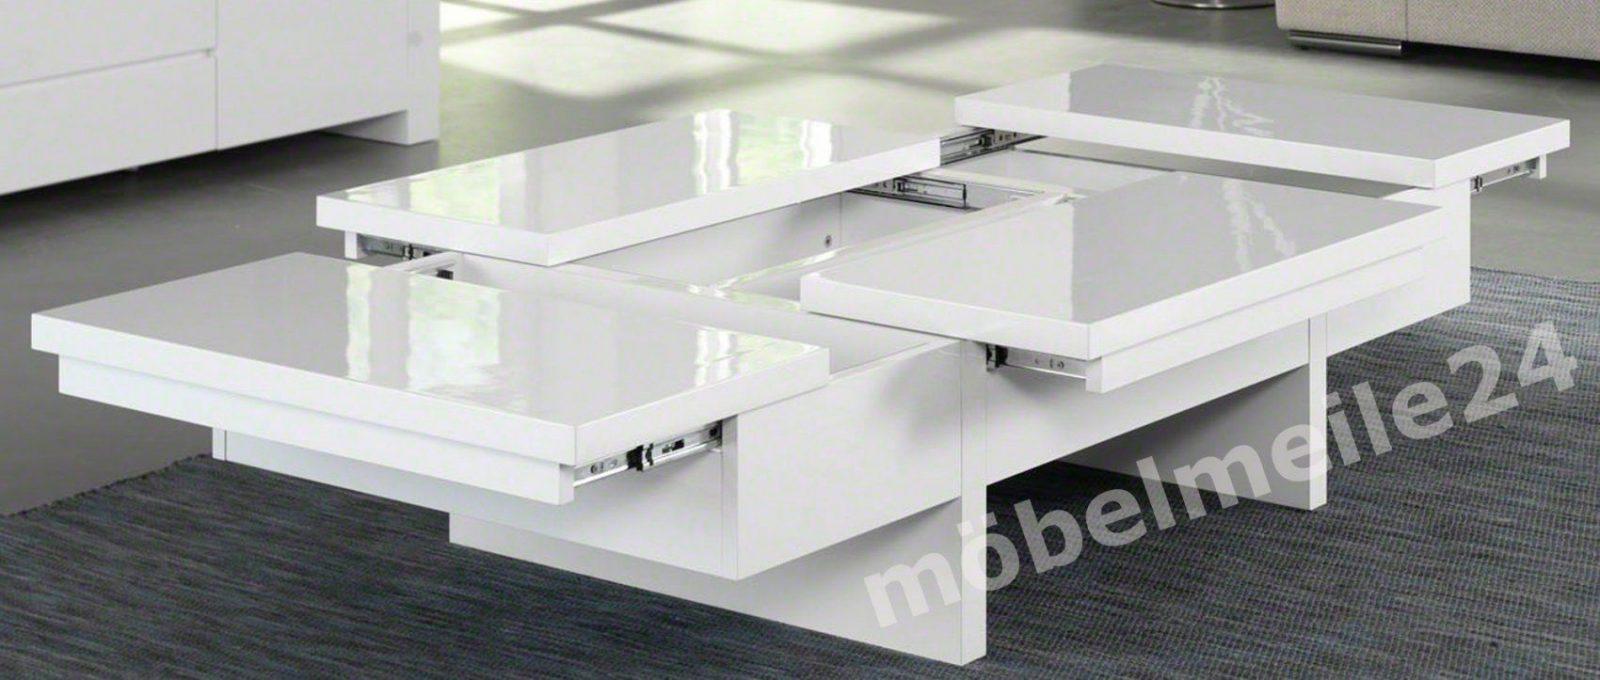 Couchtisch Weis Hochglanz Gros Design Weiss Holz Oval Matt Mit von Moderne Couchtische Weiß Hochglanz Bild